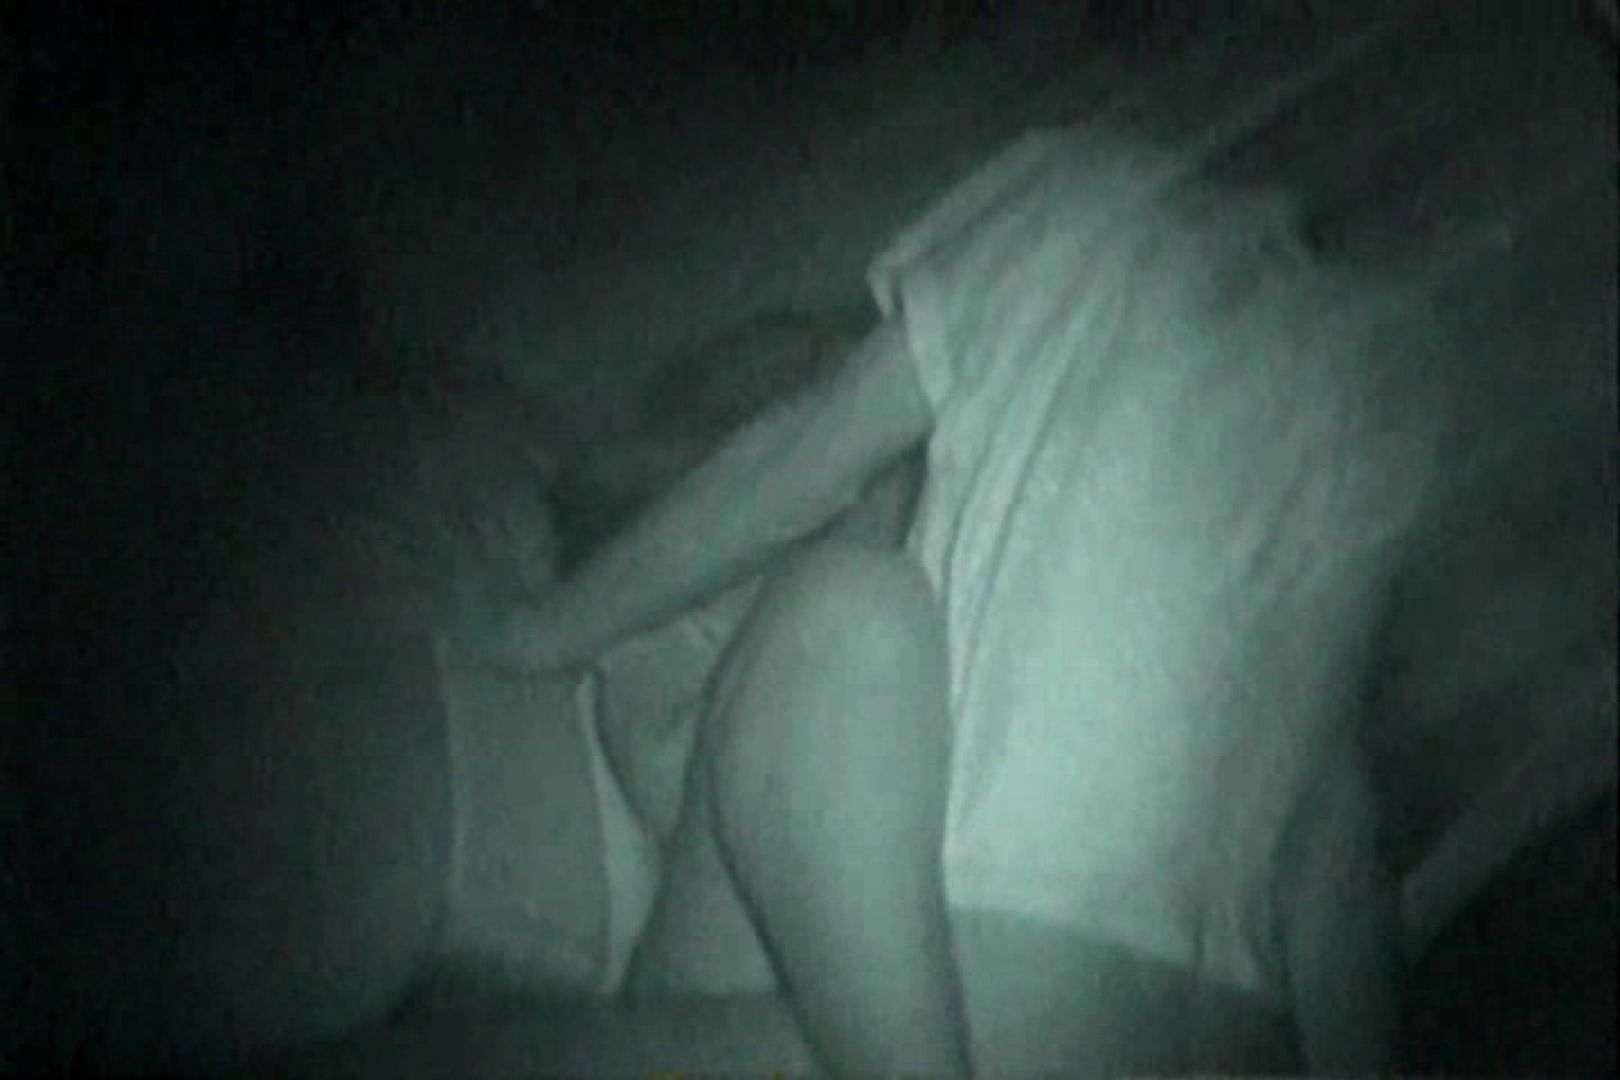 充血監督の深夜の運動会Vol.129 セックス流出映像 オマンコ動画キャプチャ 85連発 53